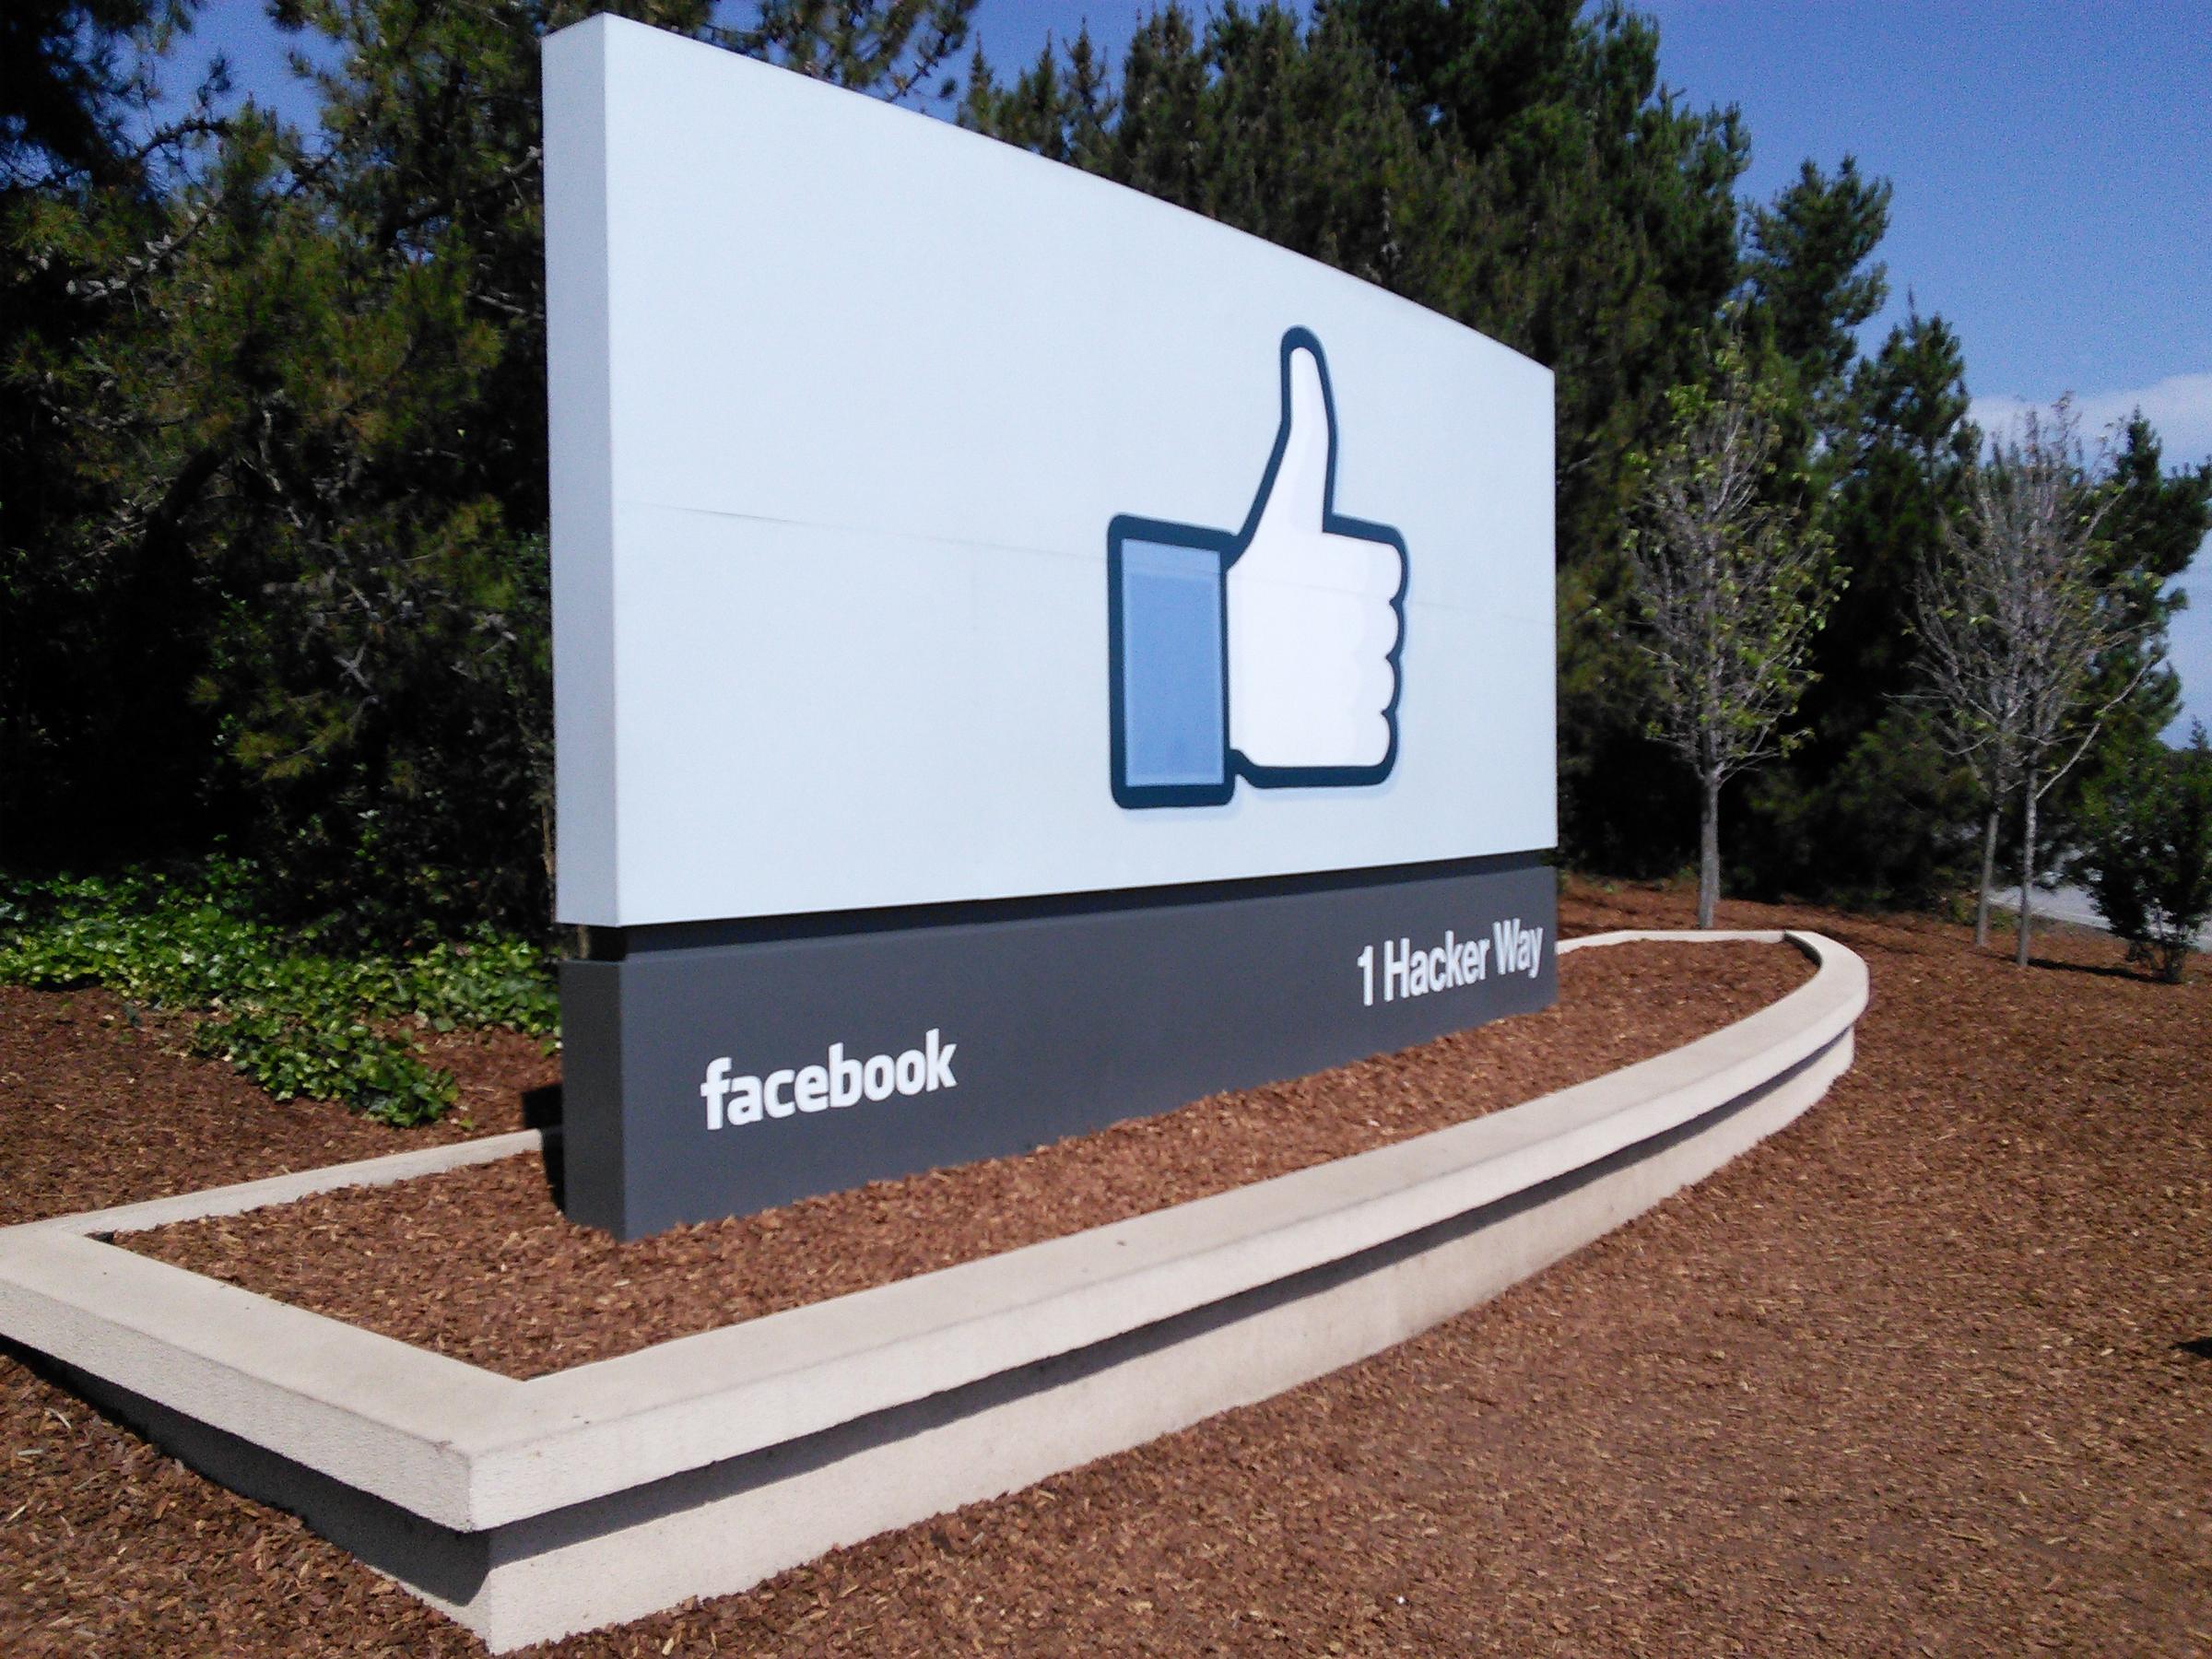 facebook office palo alto. Facebook\u0027s Sign Greets Visitors At The Original Menlo Park Campus Facebook Office Palo Alto